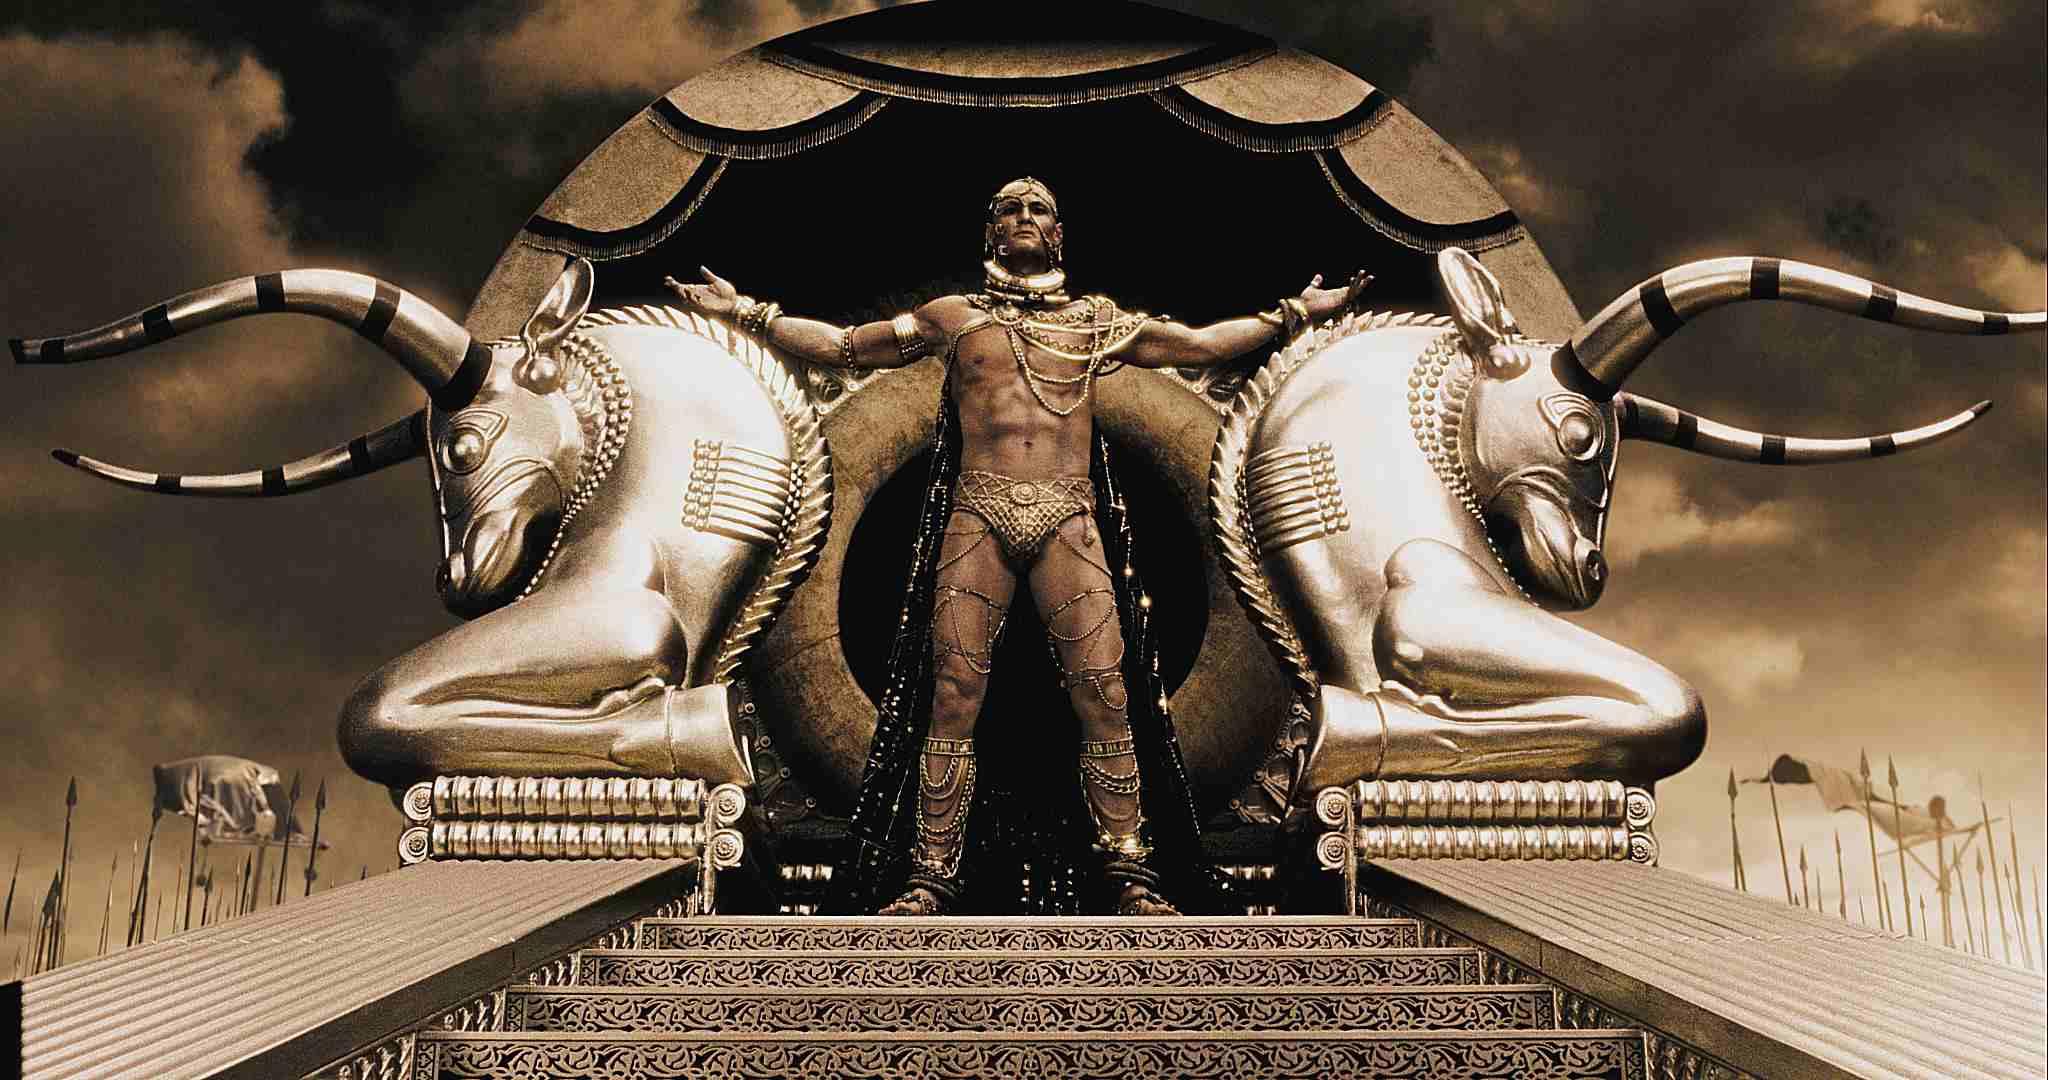 Xerxes The God